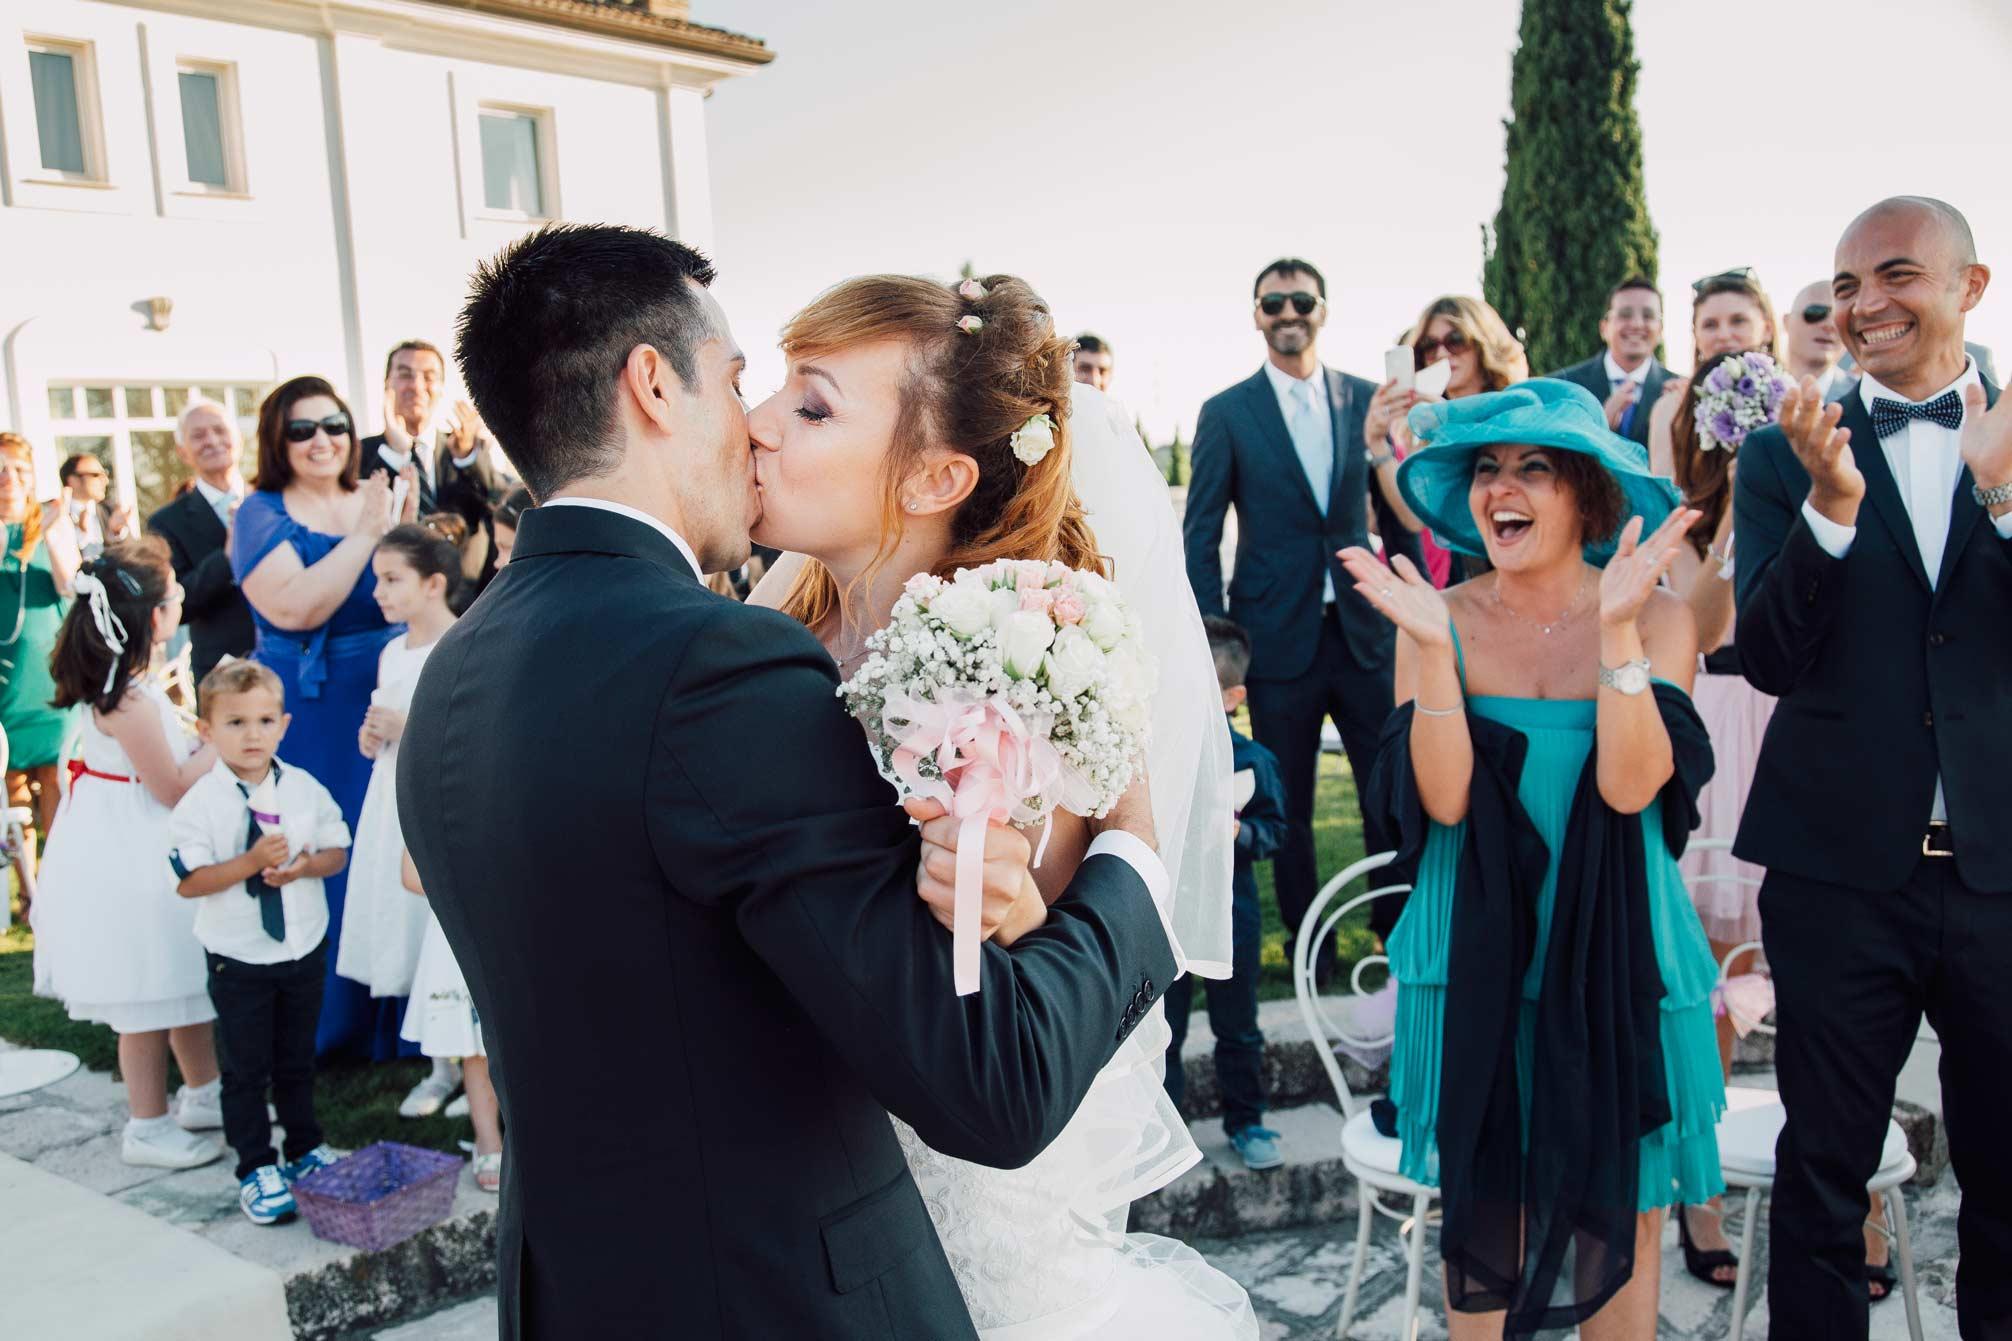 Wedding-Photographer-in-Italy-Wedding-in-Italy-Ceremony